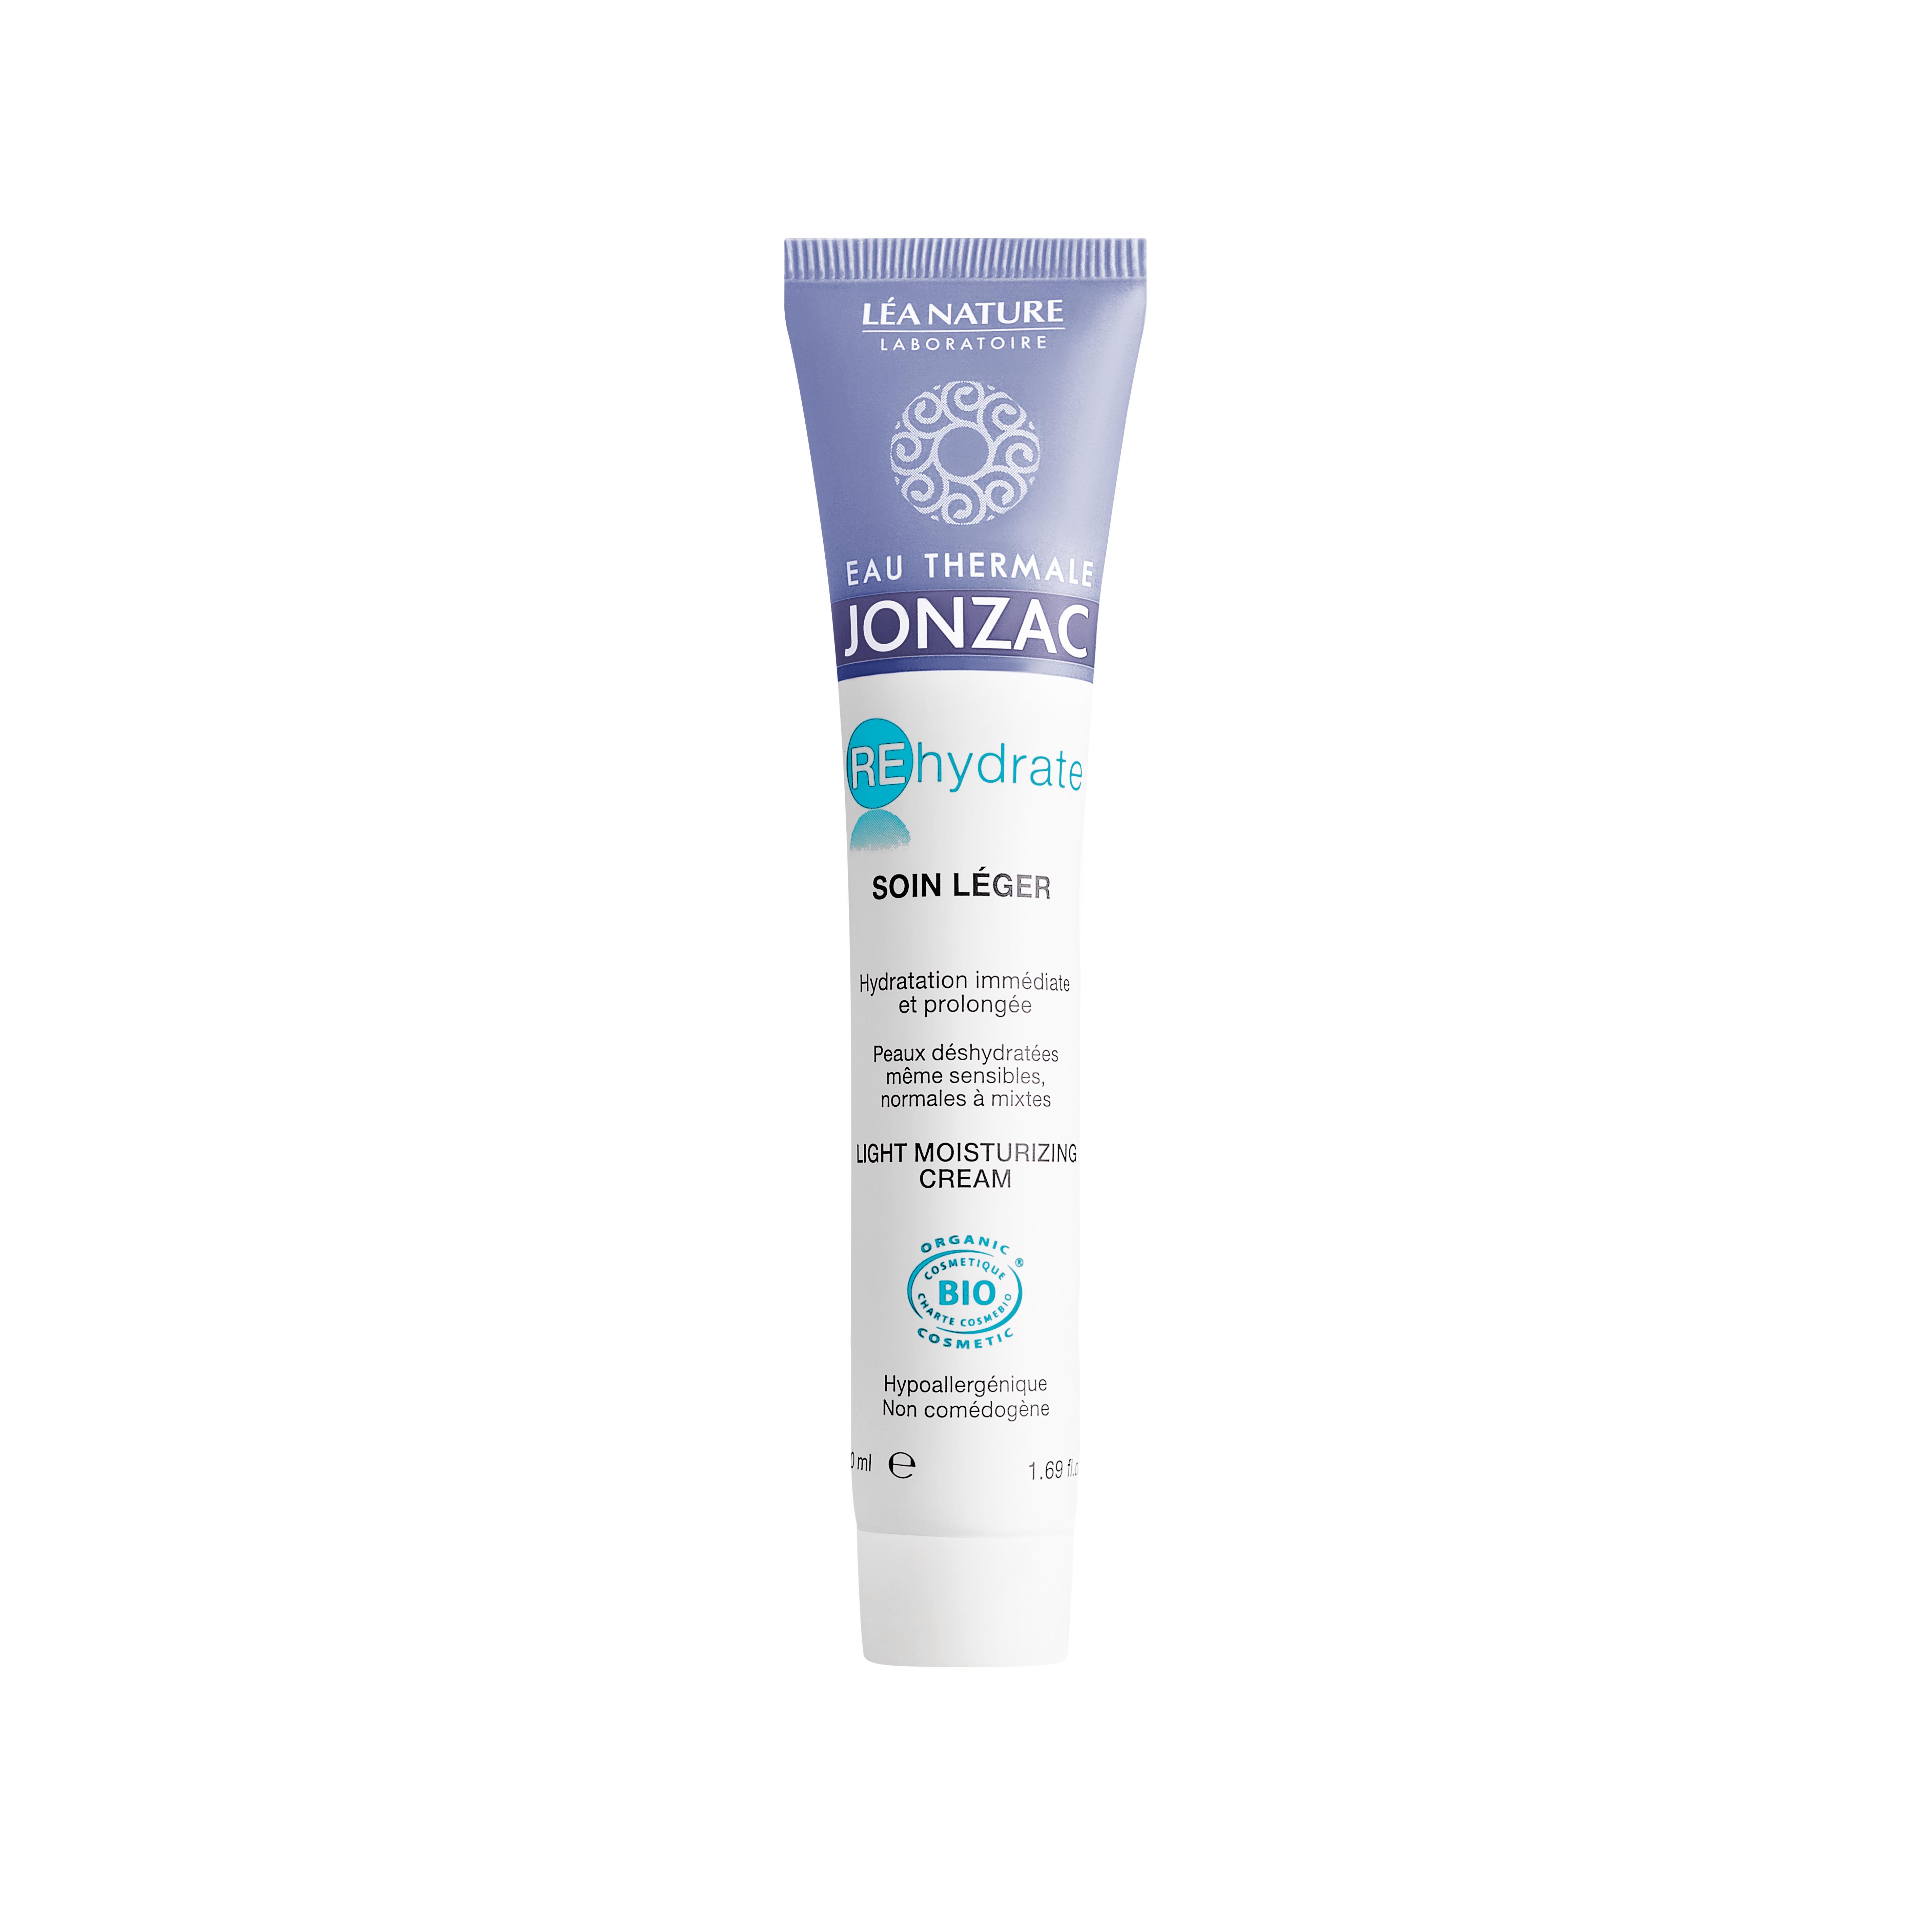 Kem dưỡng cấp nước dành cho da dầu – Light moisturizing cream 50ML - 805